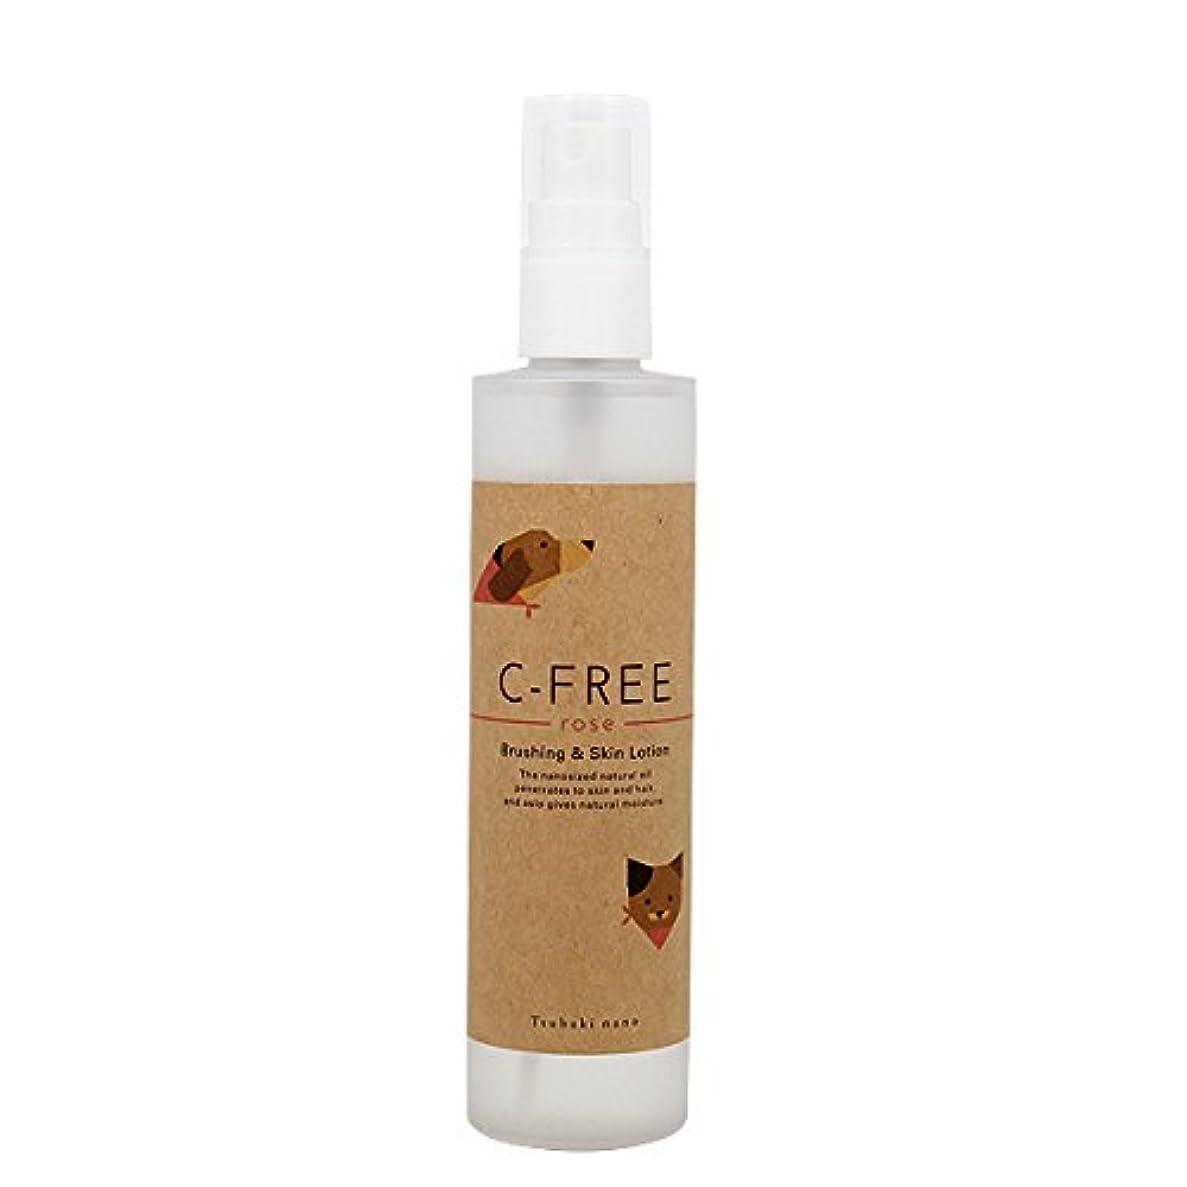 少ないブラシ合成椿なの シーフリーロゼ(天然ローズの香り)ブラッシング&スキンローション 150ml